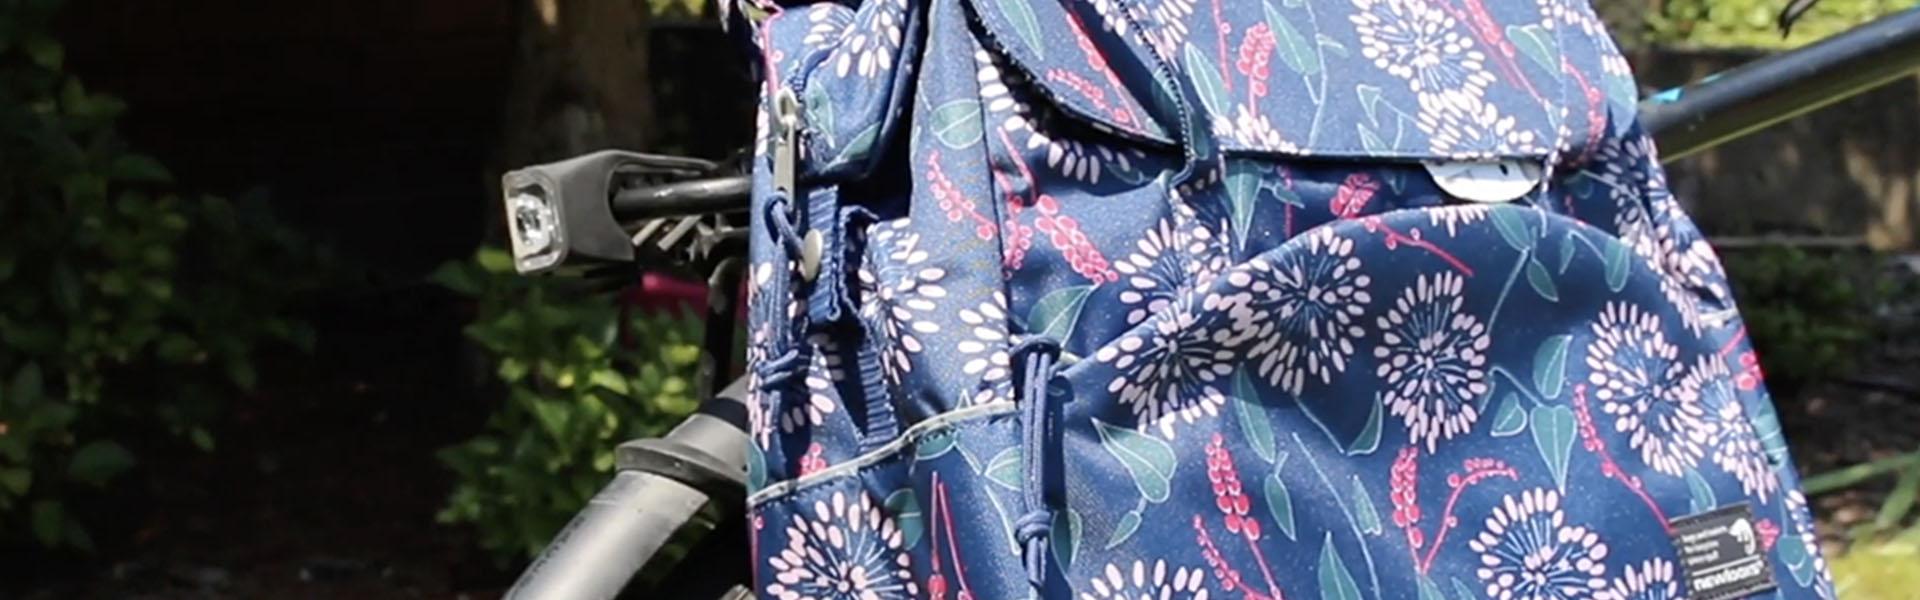 Csomagszállítás kerékpárral, elegánsan, csinosan - New Looxs kerékpáros táskák